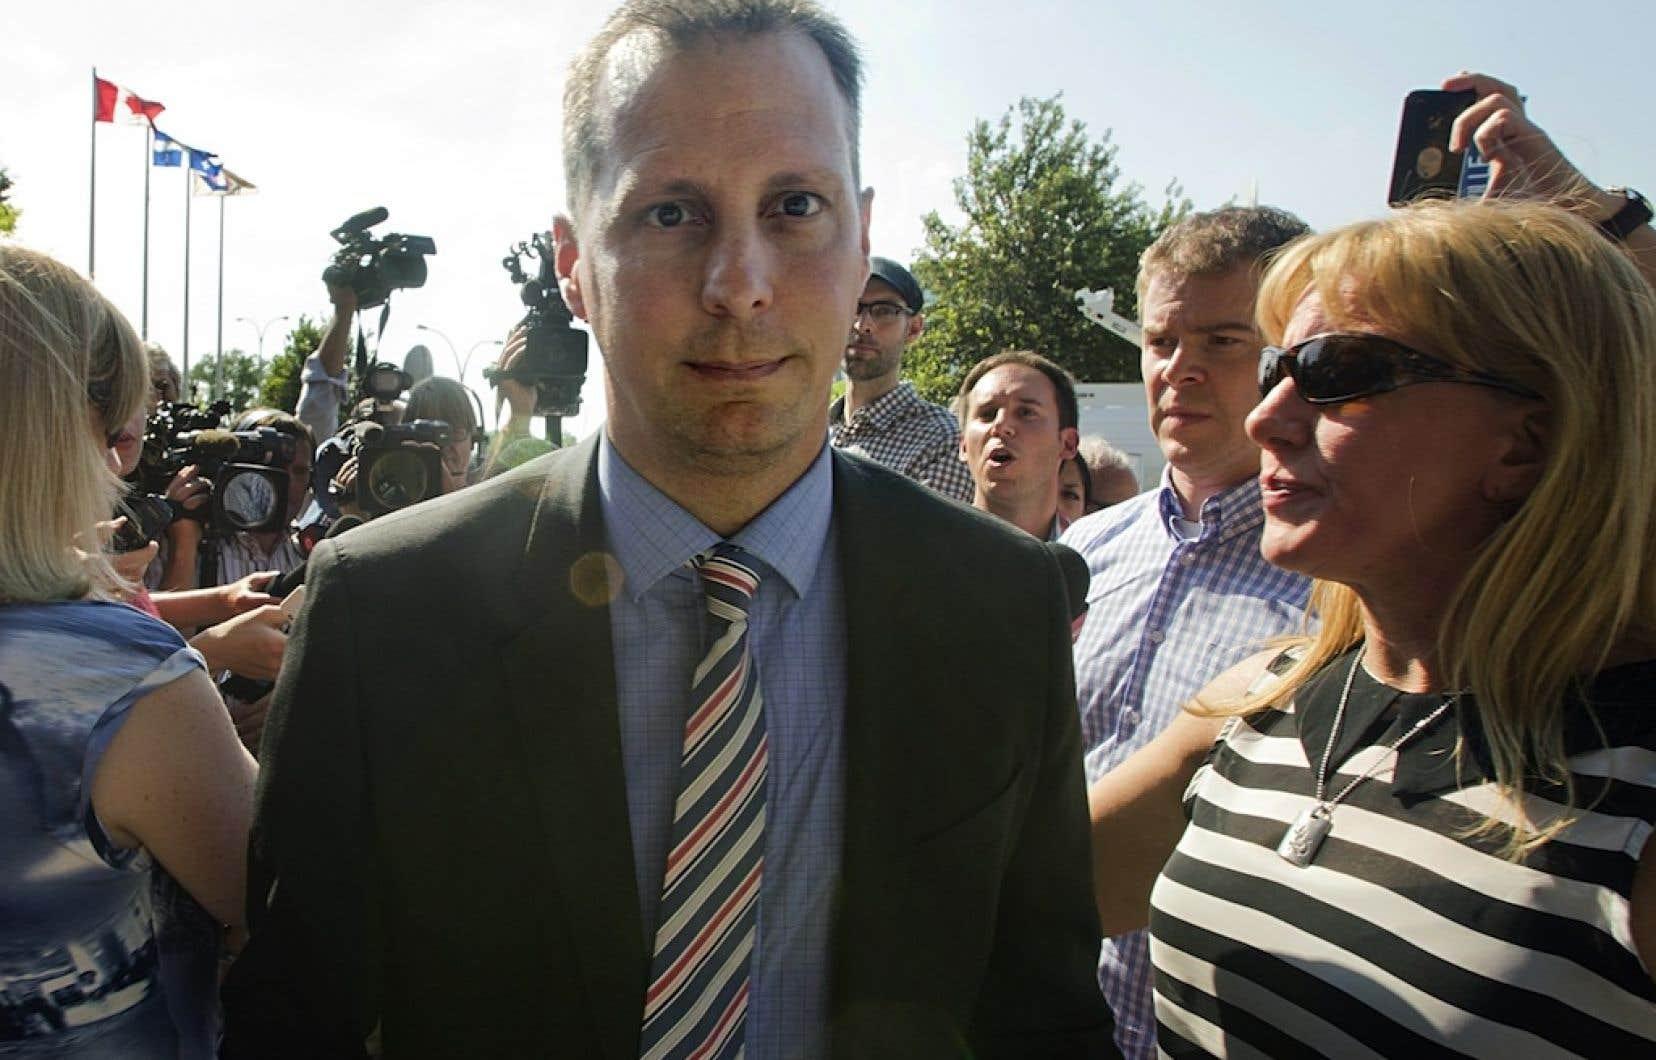 Quelques jours après son assermentation, Alexandre Duplessis, maire de Laval par intérim, a été arrêté à la suite d'une négociation qui a mal tourné avec deux prostituées.